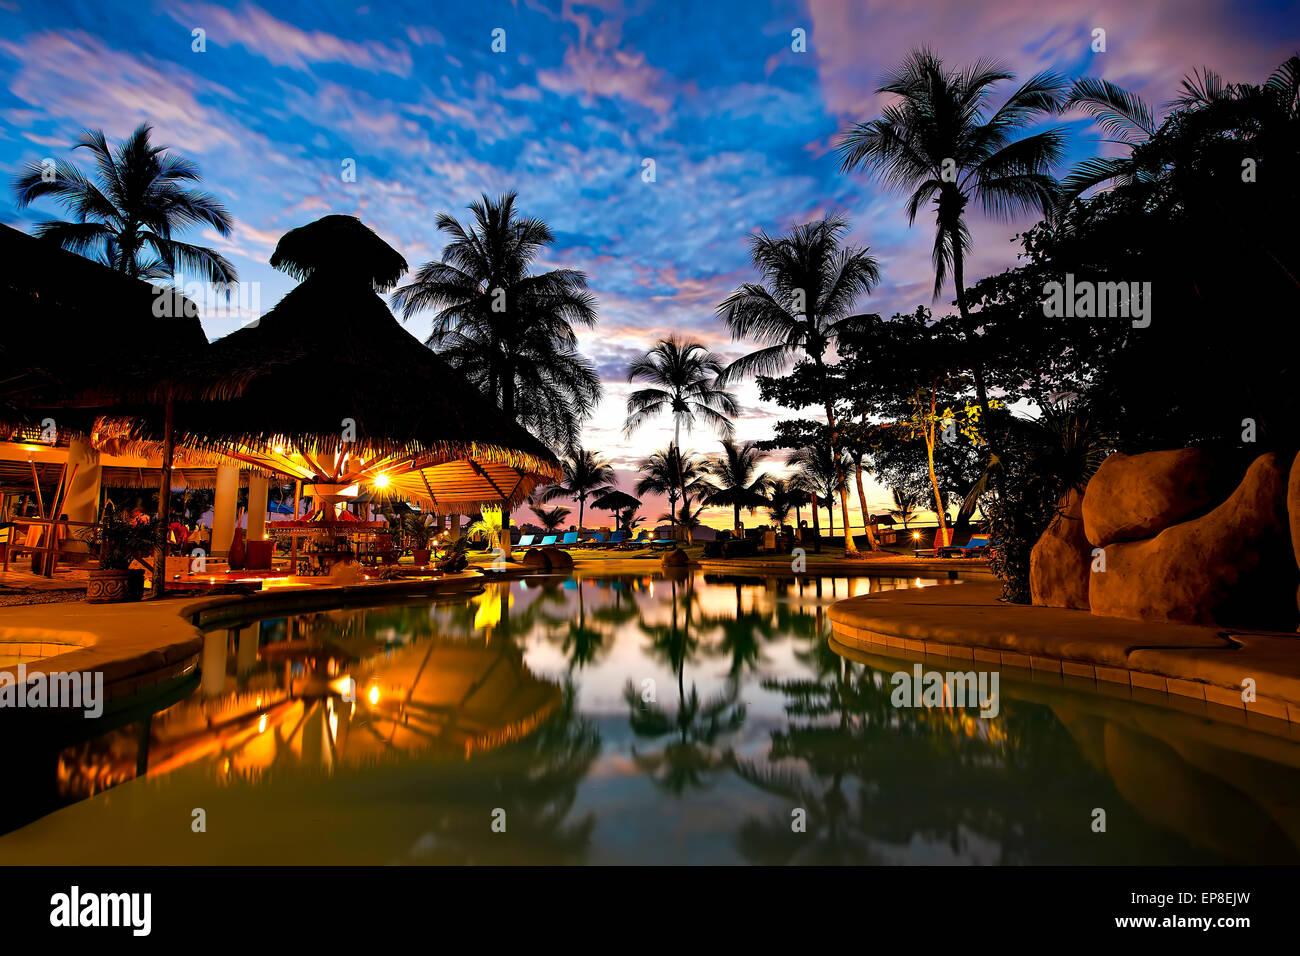 Costa Rica resort Photo Stock